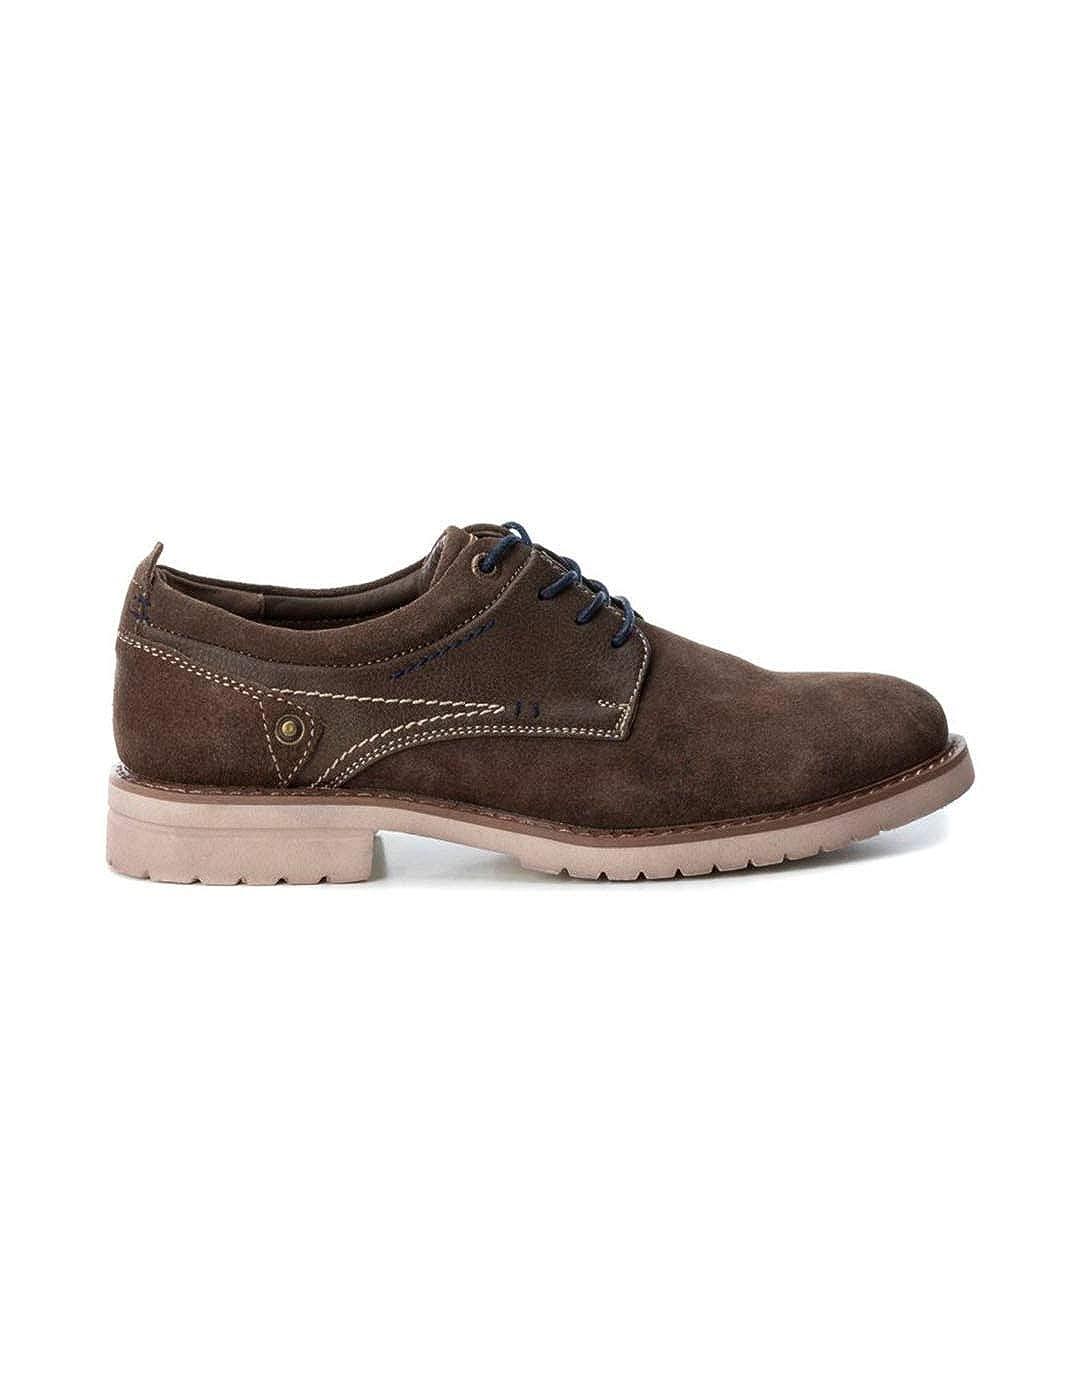 Zapato XTI Hombre Serraje Taupe Cordón 48169: Amazon.es: Zapatos y complementos